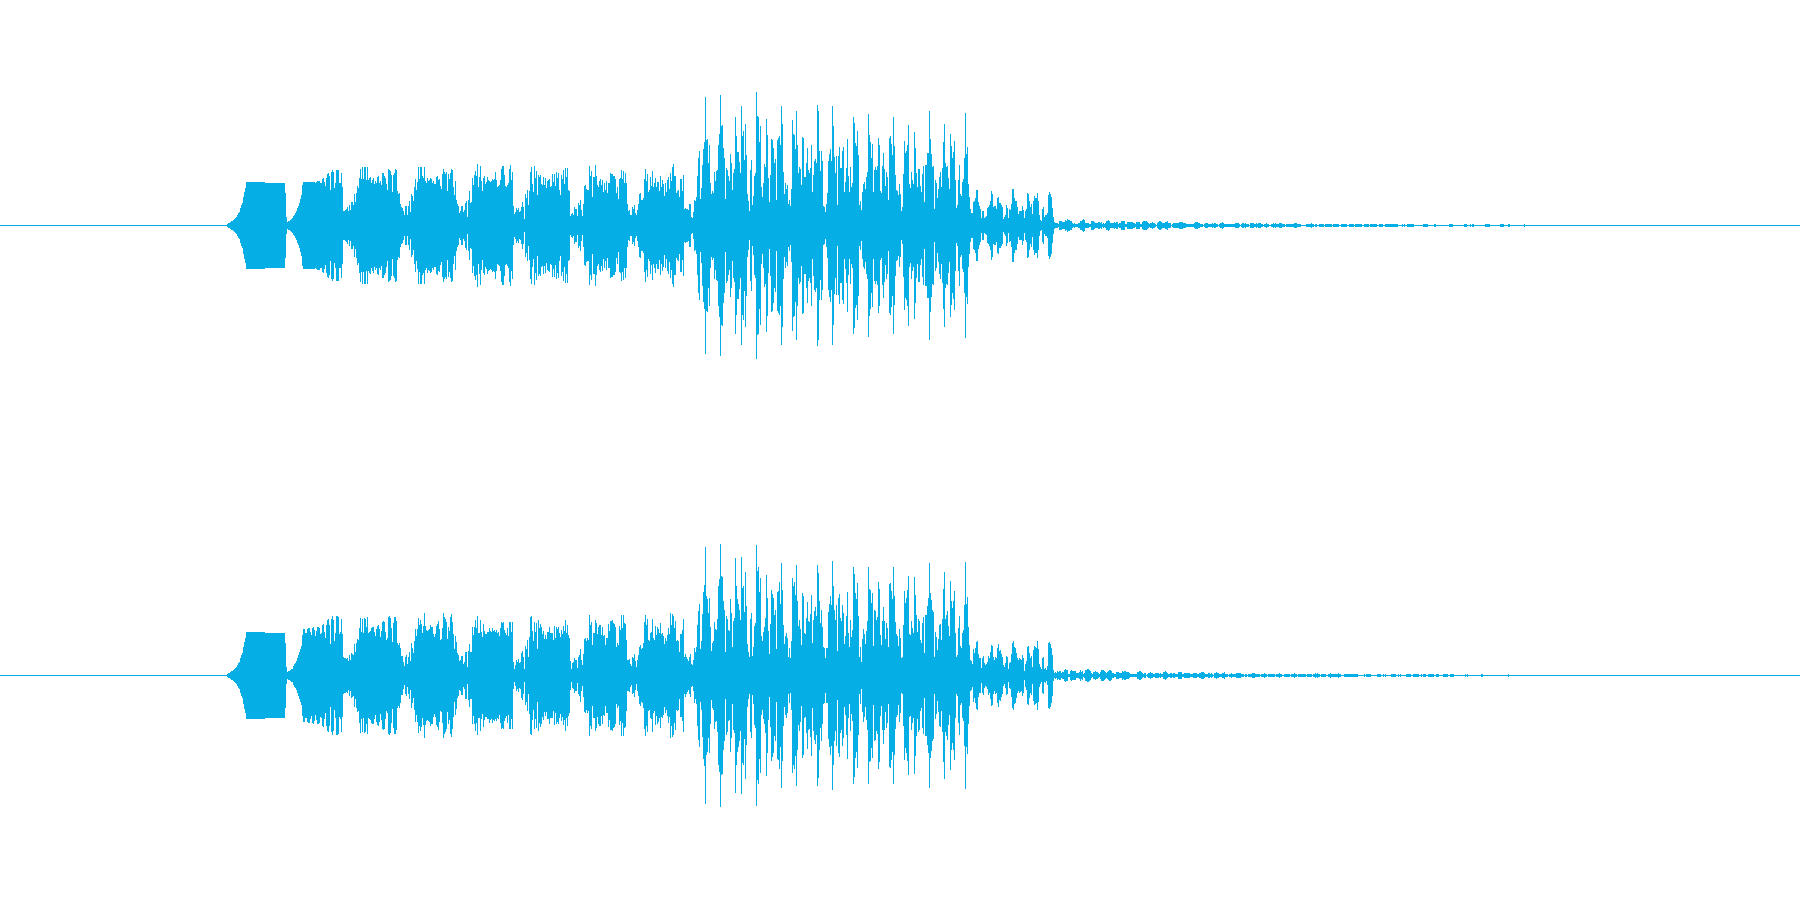 ファミコン風 敵遭遇の再生済みの波形